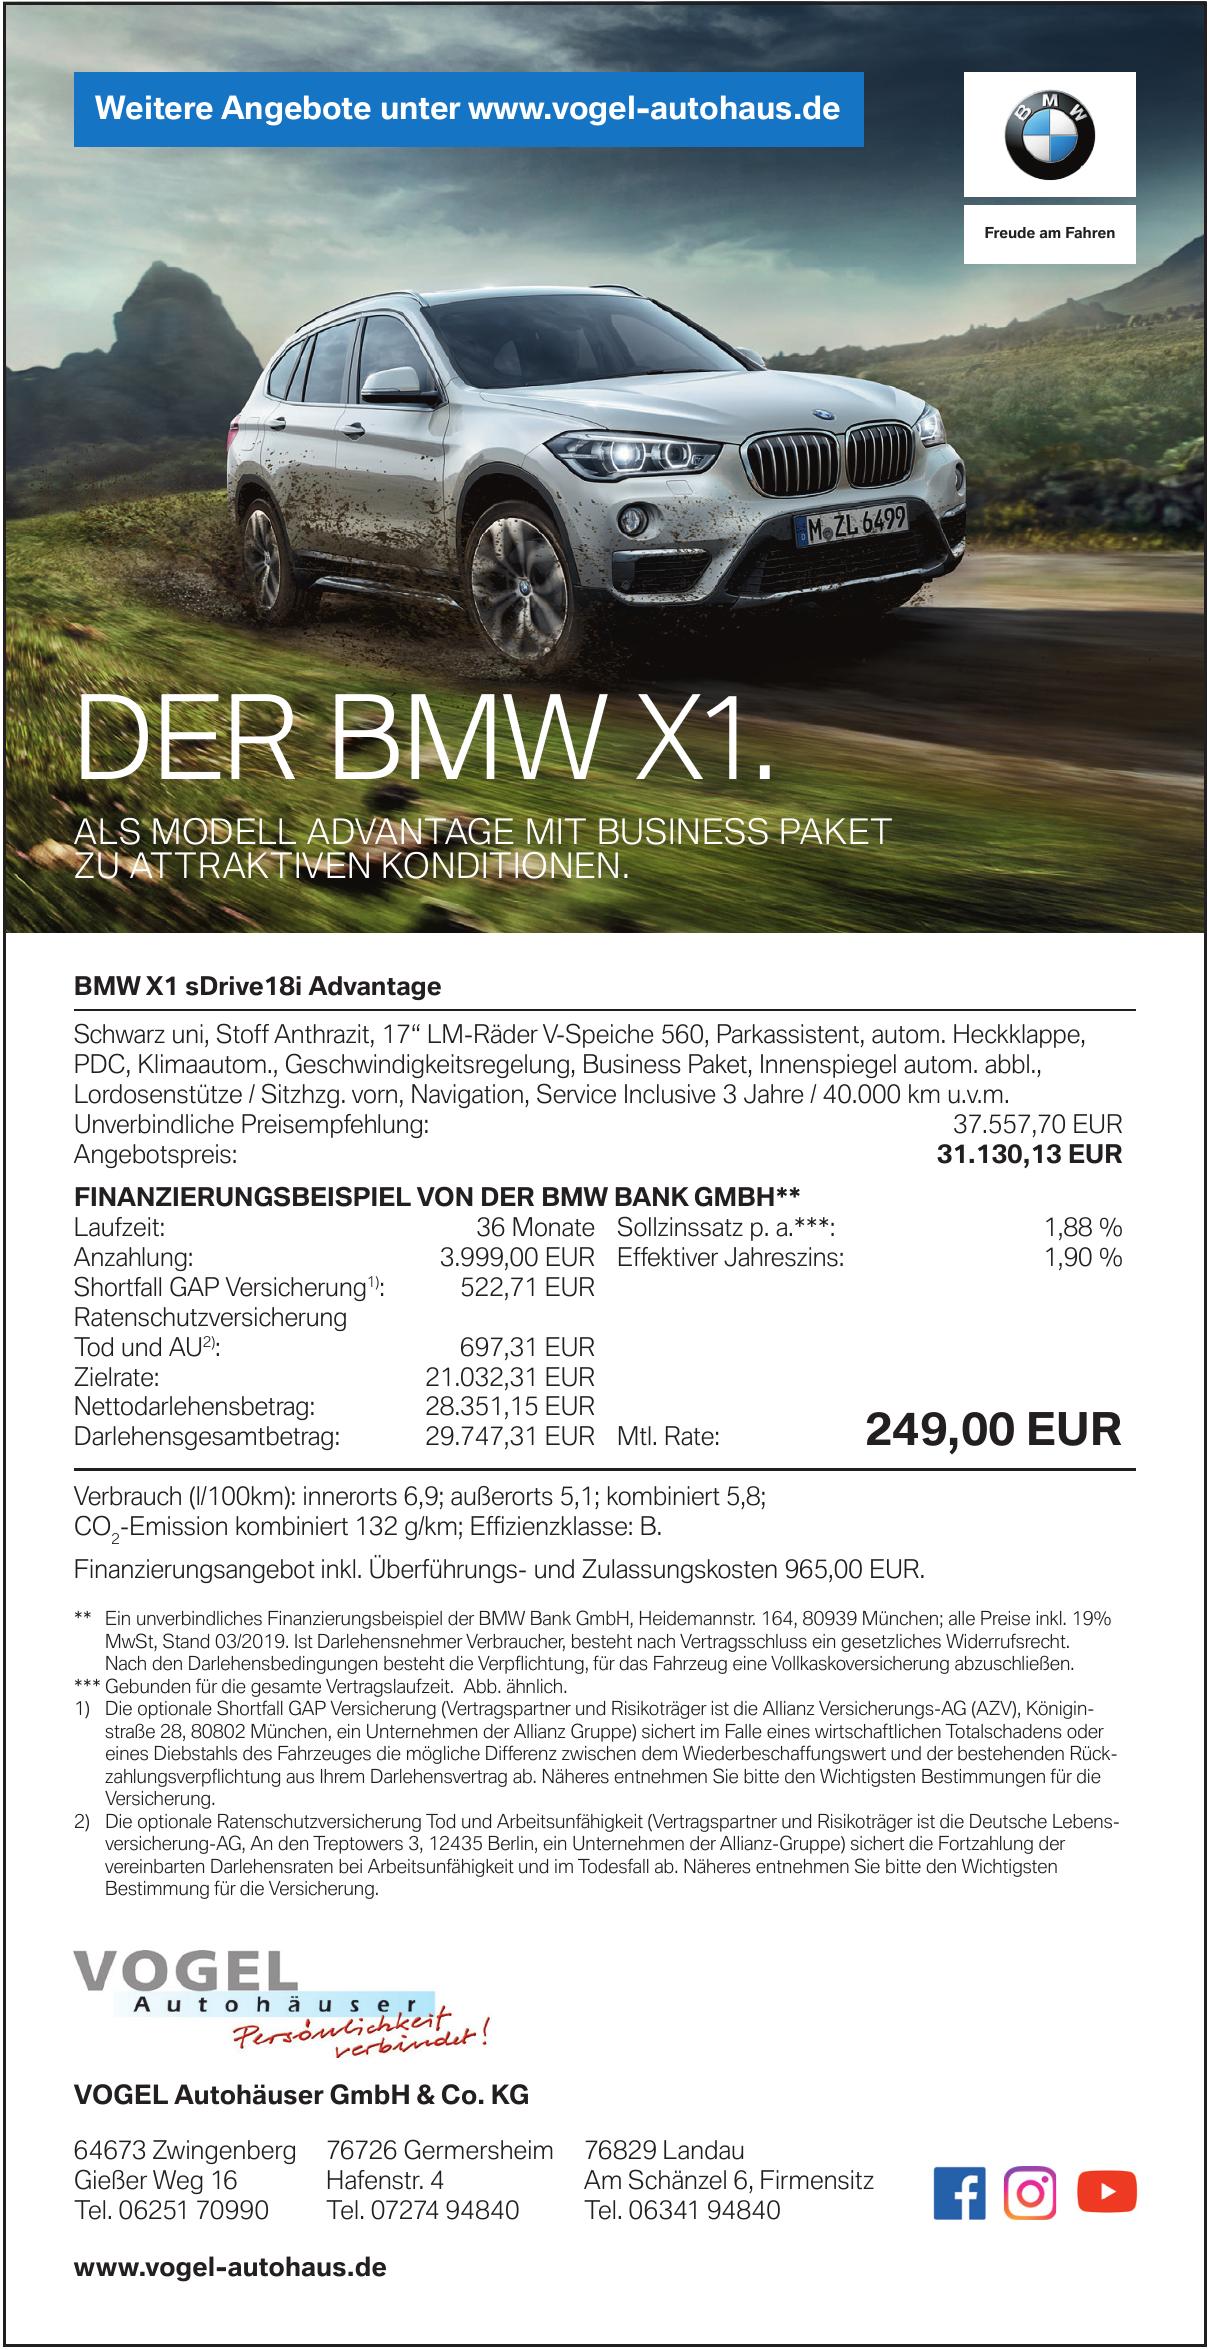 Vogel Autohäuser GmbH & Co. KG